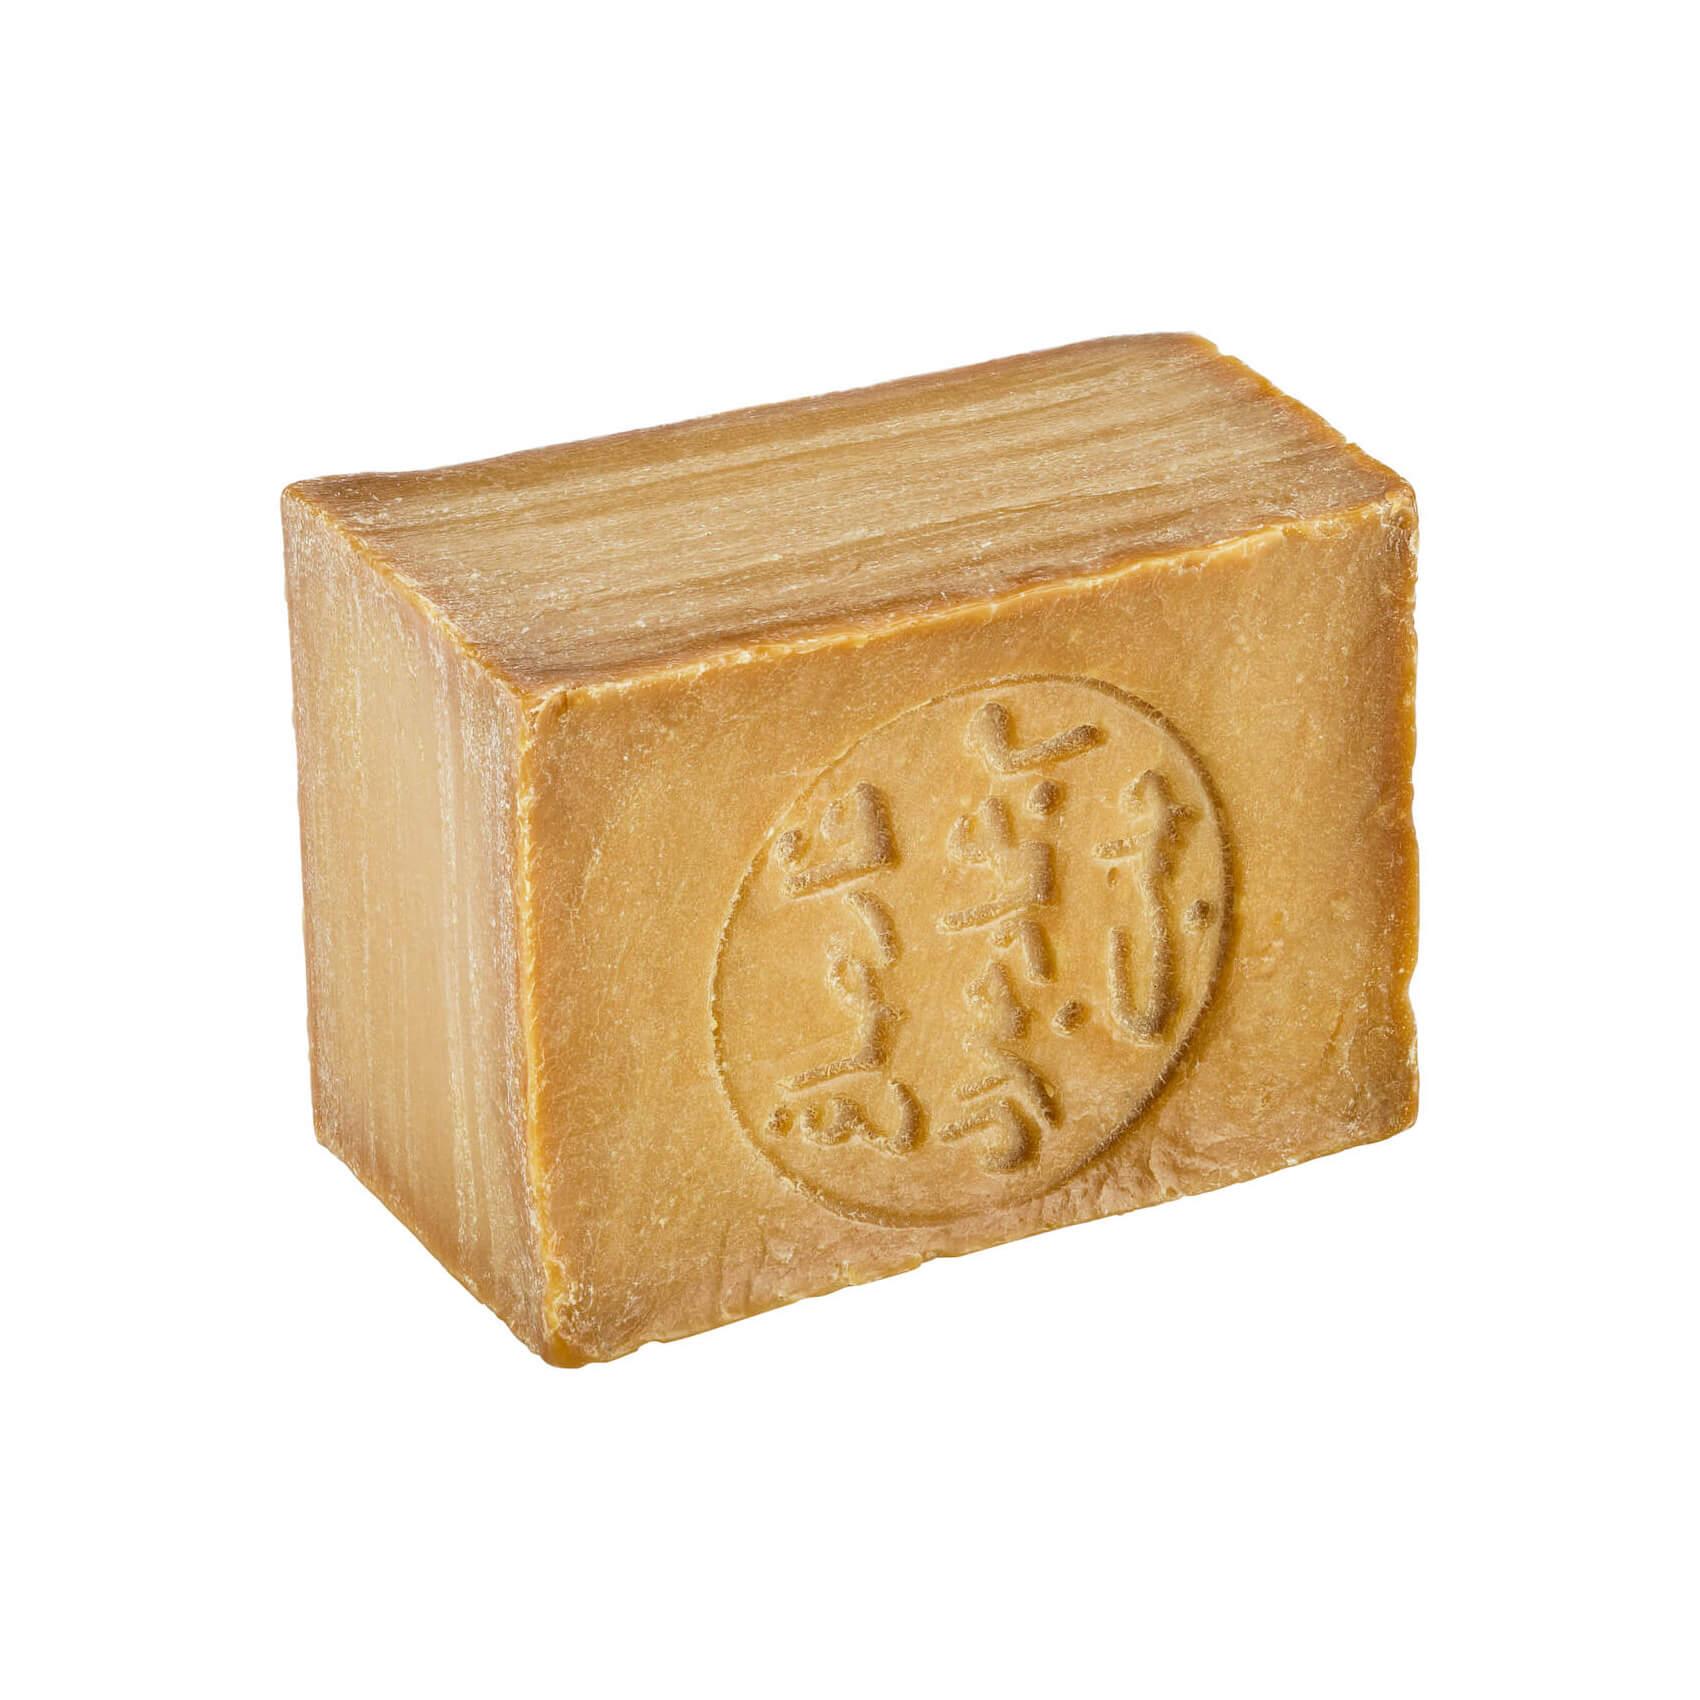 Zhenobya Organic Laurel Aleppo Soap 25%